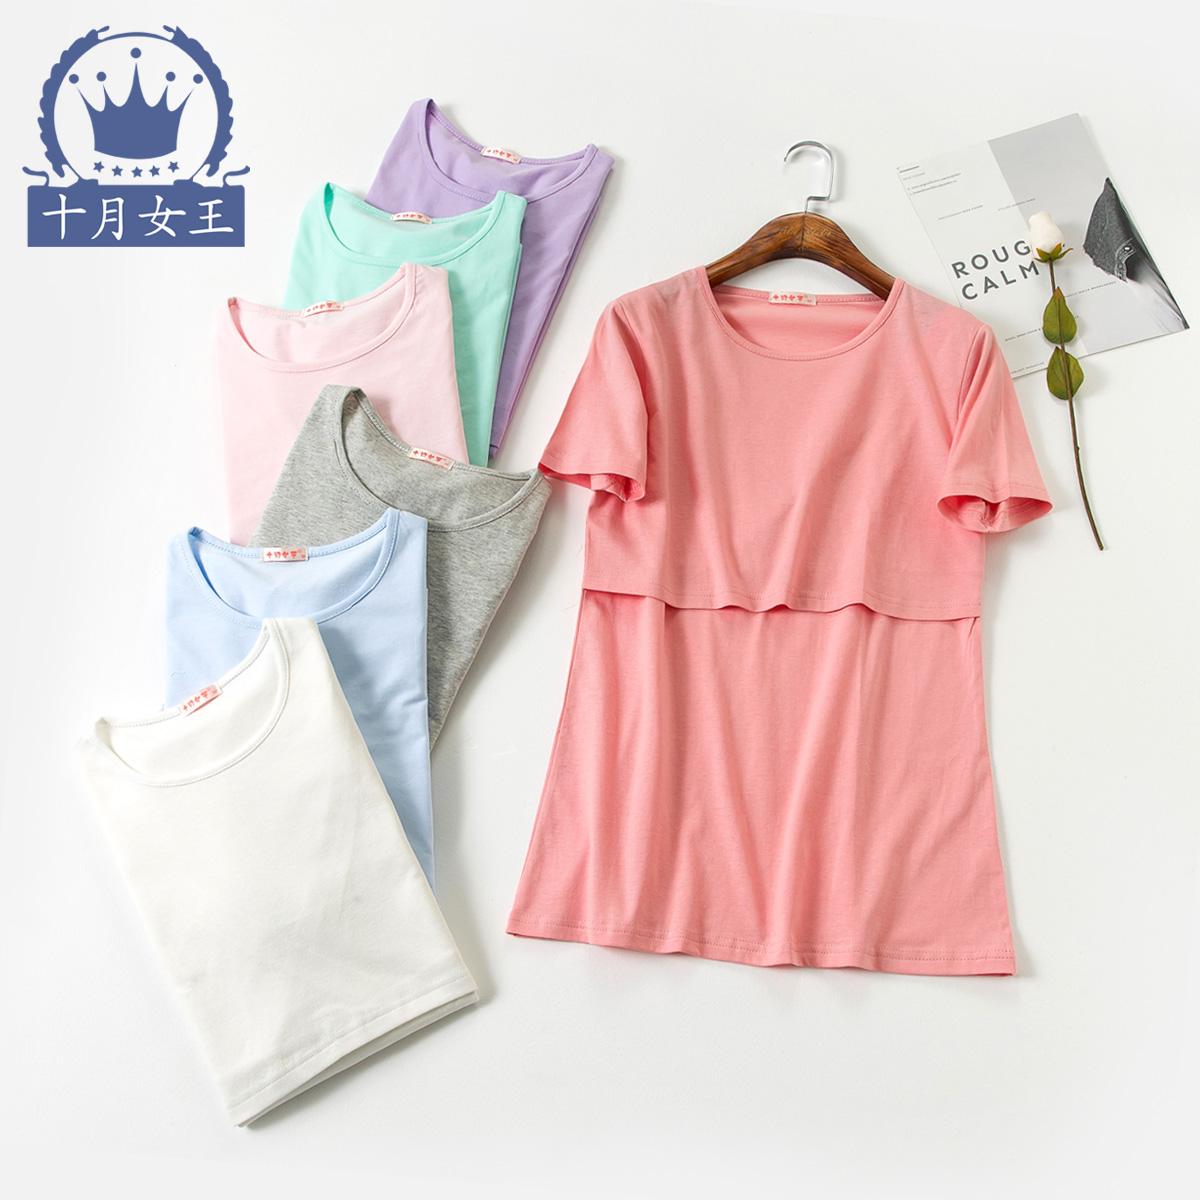 [淘寶網] 純棉哺乳短袖T恤哺乳上衣哺乳衣夏季外出哺乳t恤餵奶衣哺乳期衣服